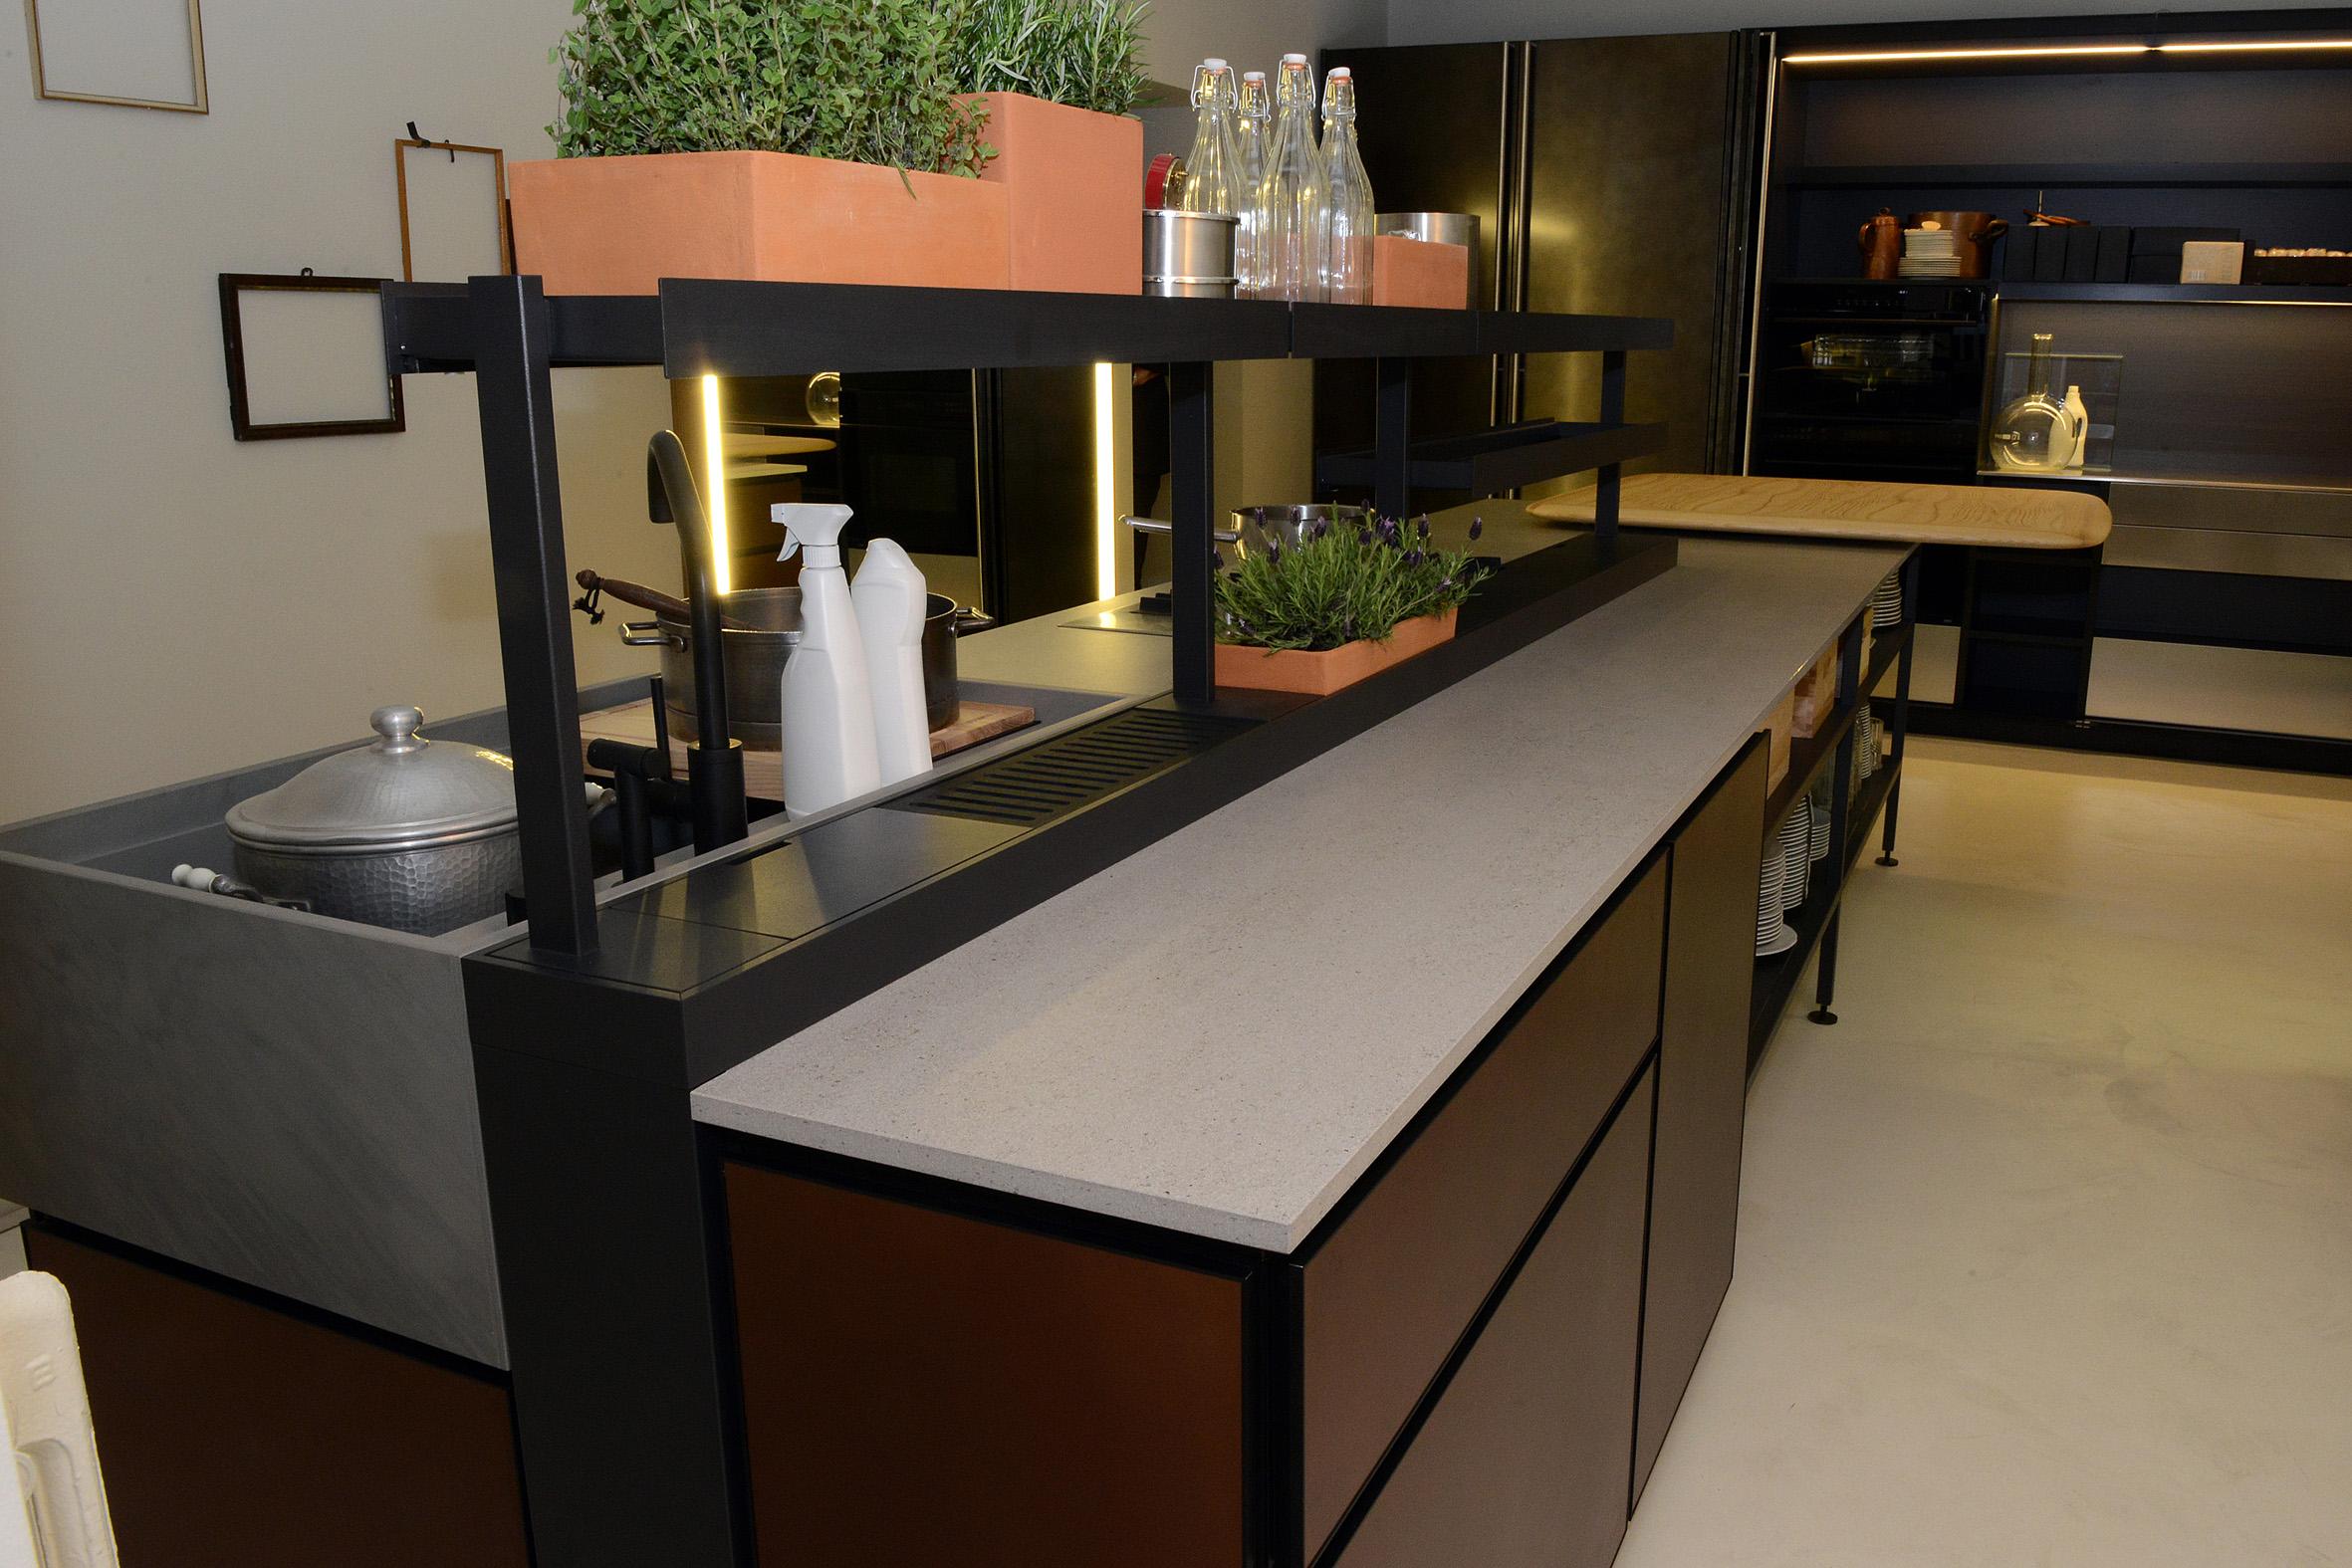 Kwarts werkblad keuken een composiet werkblad in de keuken voor nadelen keuken hoogglans wit - Kwarts beton ...